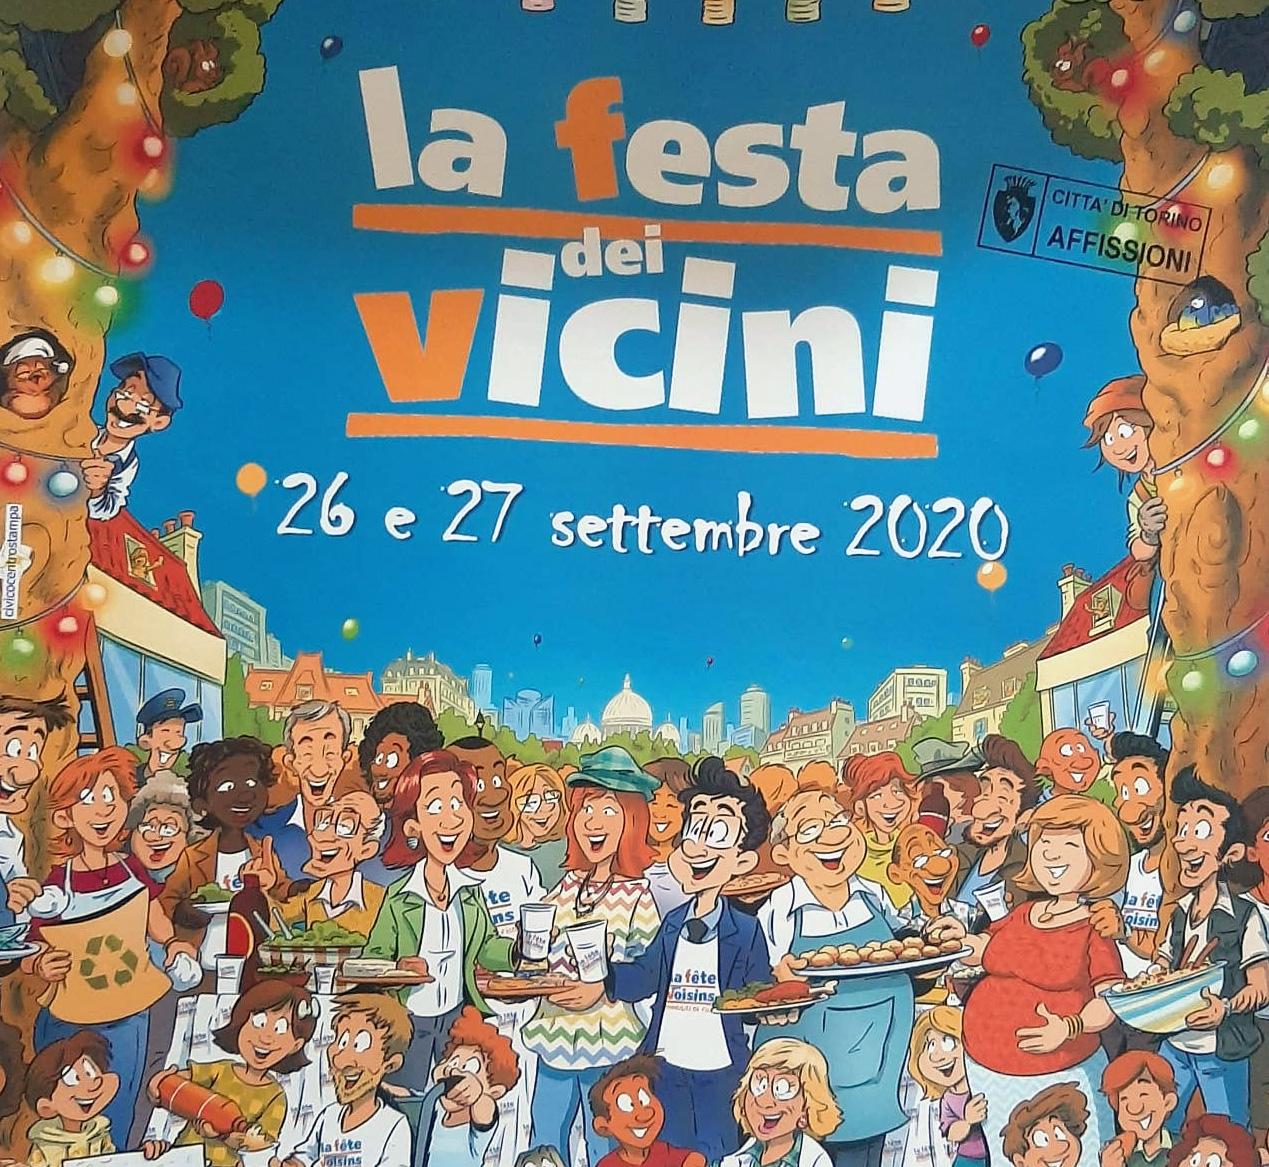 Festa dei Vicini 2020 - Piazza Livio Bianco